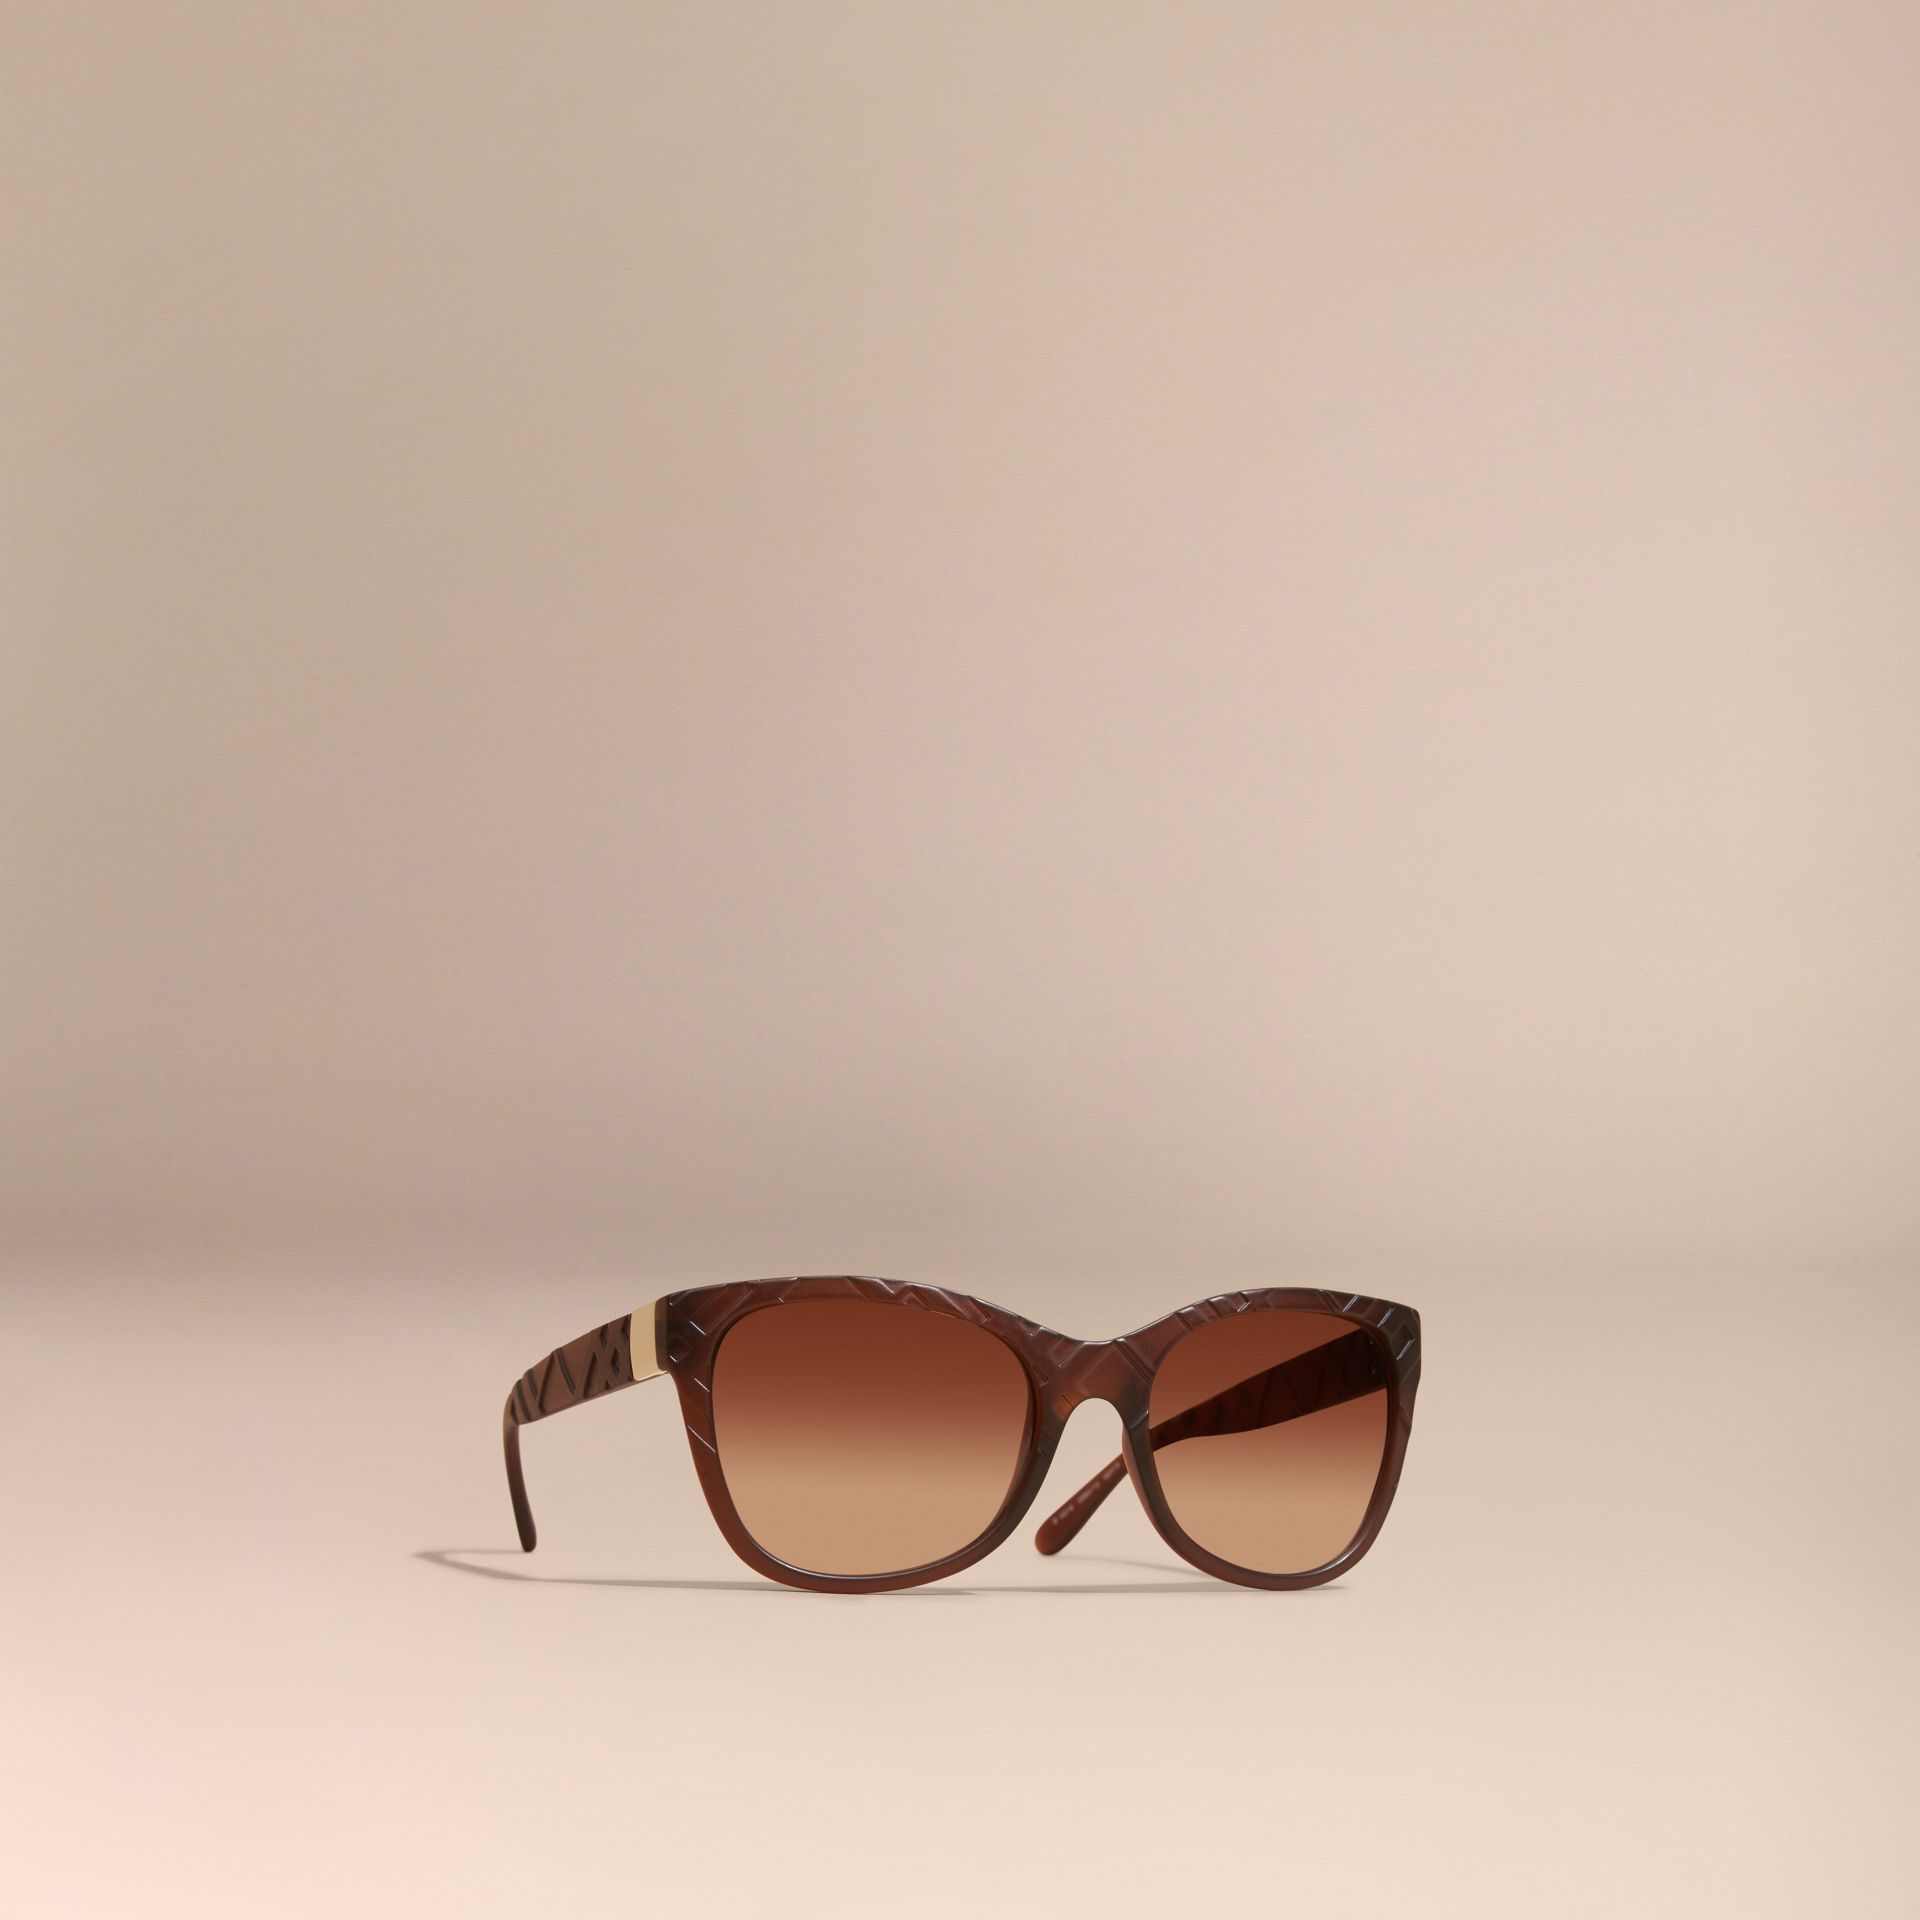 Marrone Occhiali da sole con montatura squadrata e motivo check tridimensionale Marrone - immagine della galleria 1